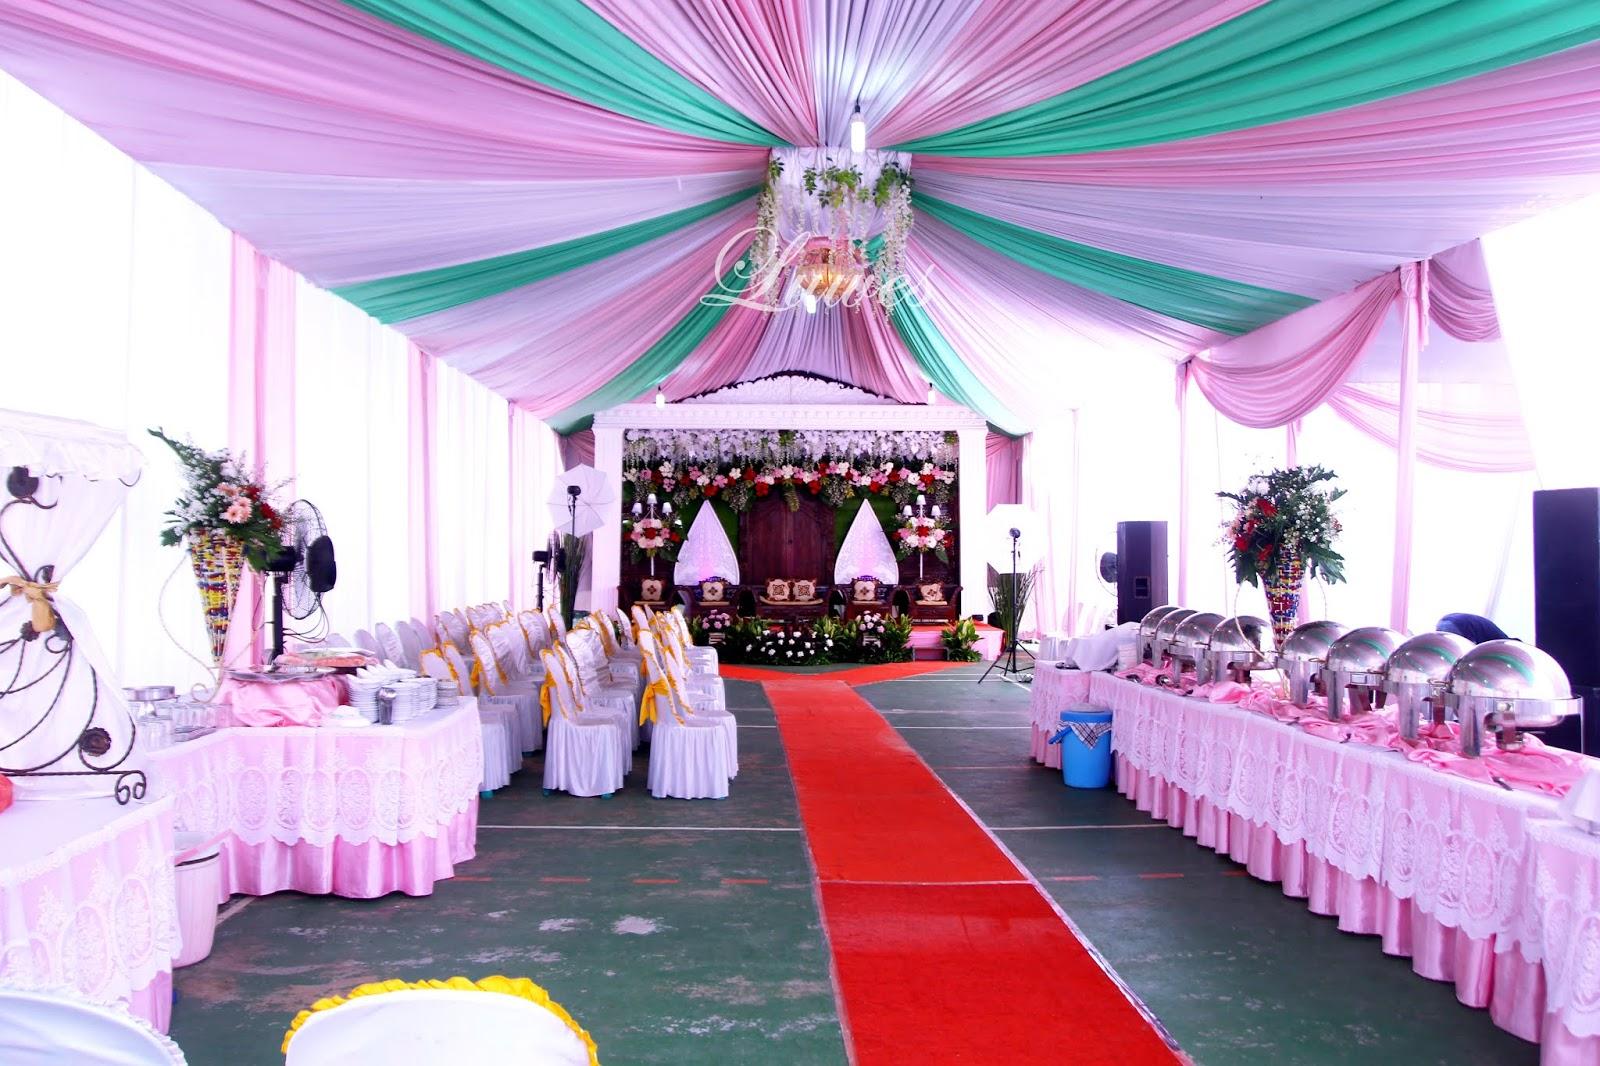 Catering pernikahan untuk 300 undangan 600 pax resepsi pernikahan di rumah bekasi